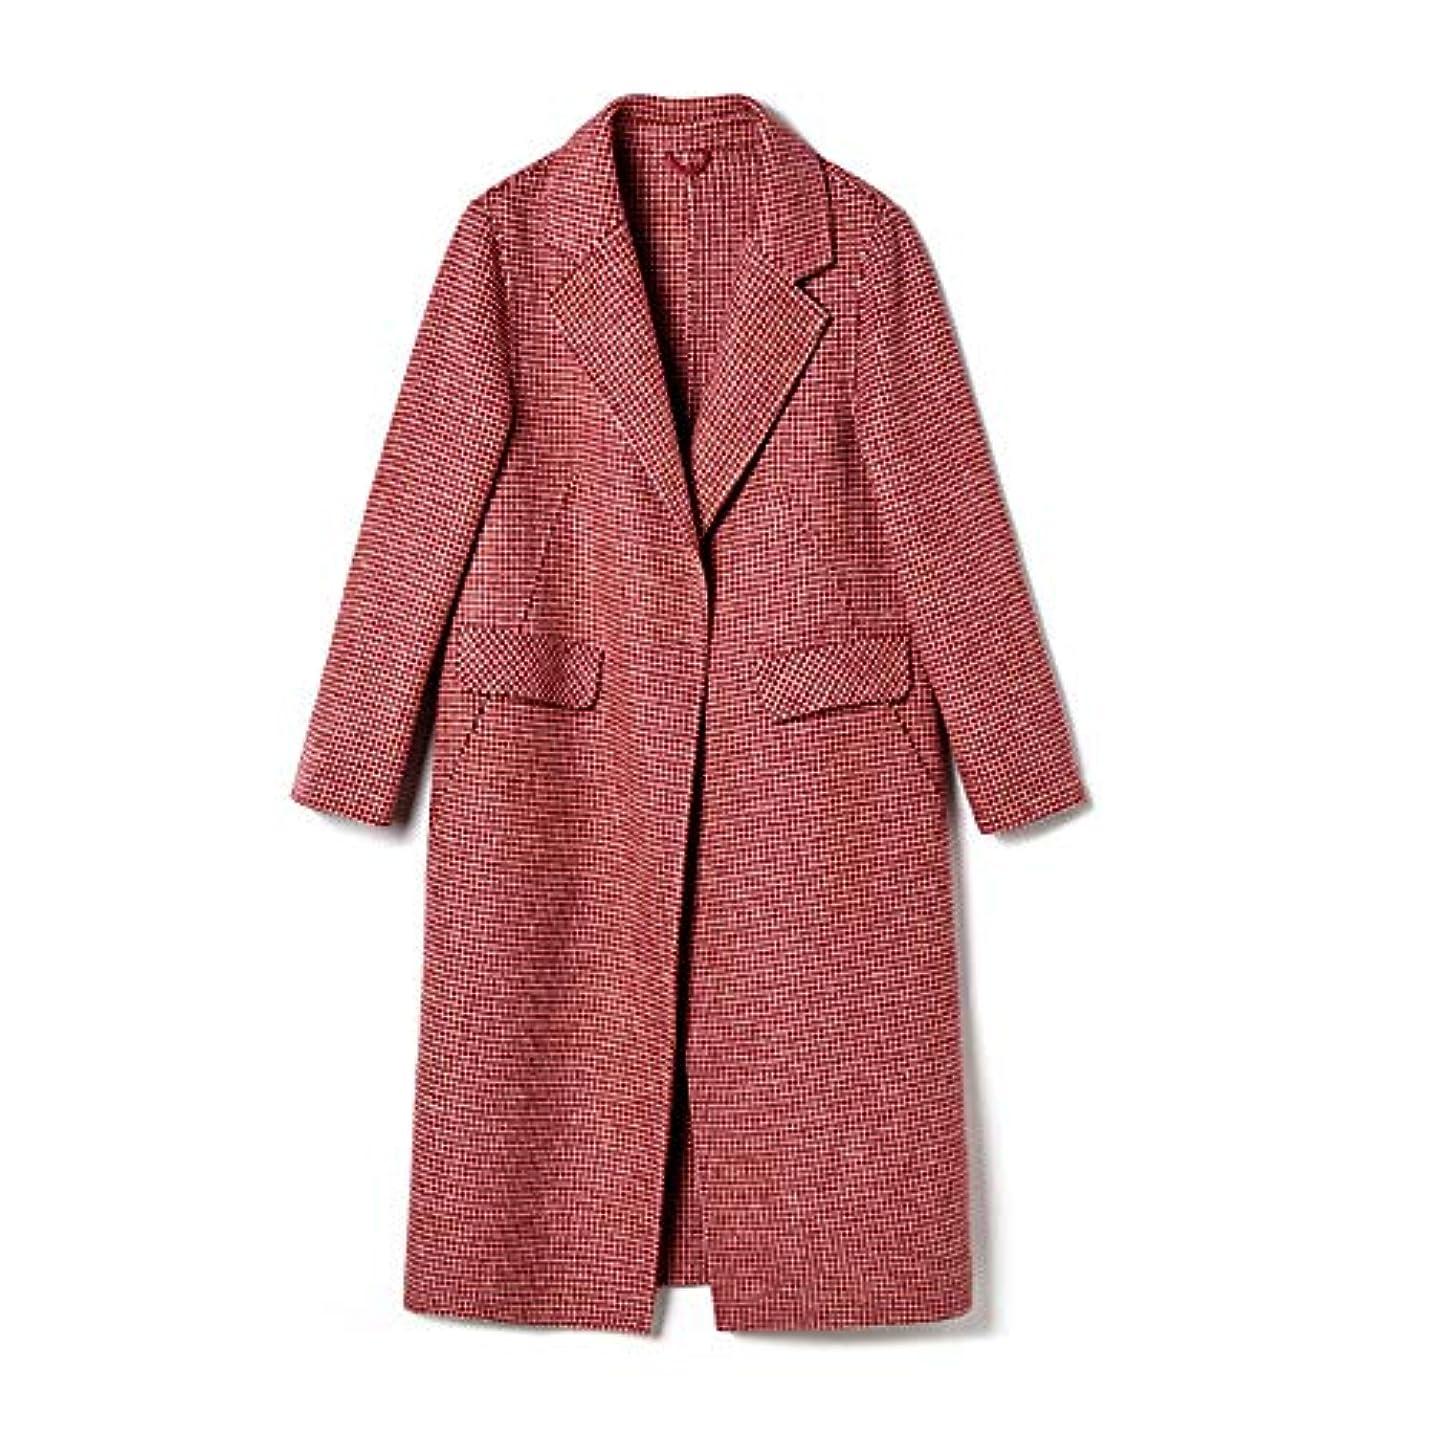 ブローホールアクションヒューム両面カシミヤのコート、長いセクションレディースコートレディースウインドブレーカージャケット女性の秋と冬人気のウールウールコート,M